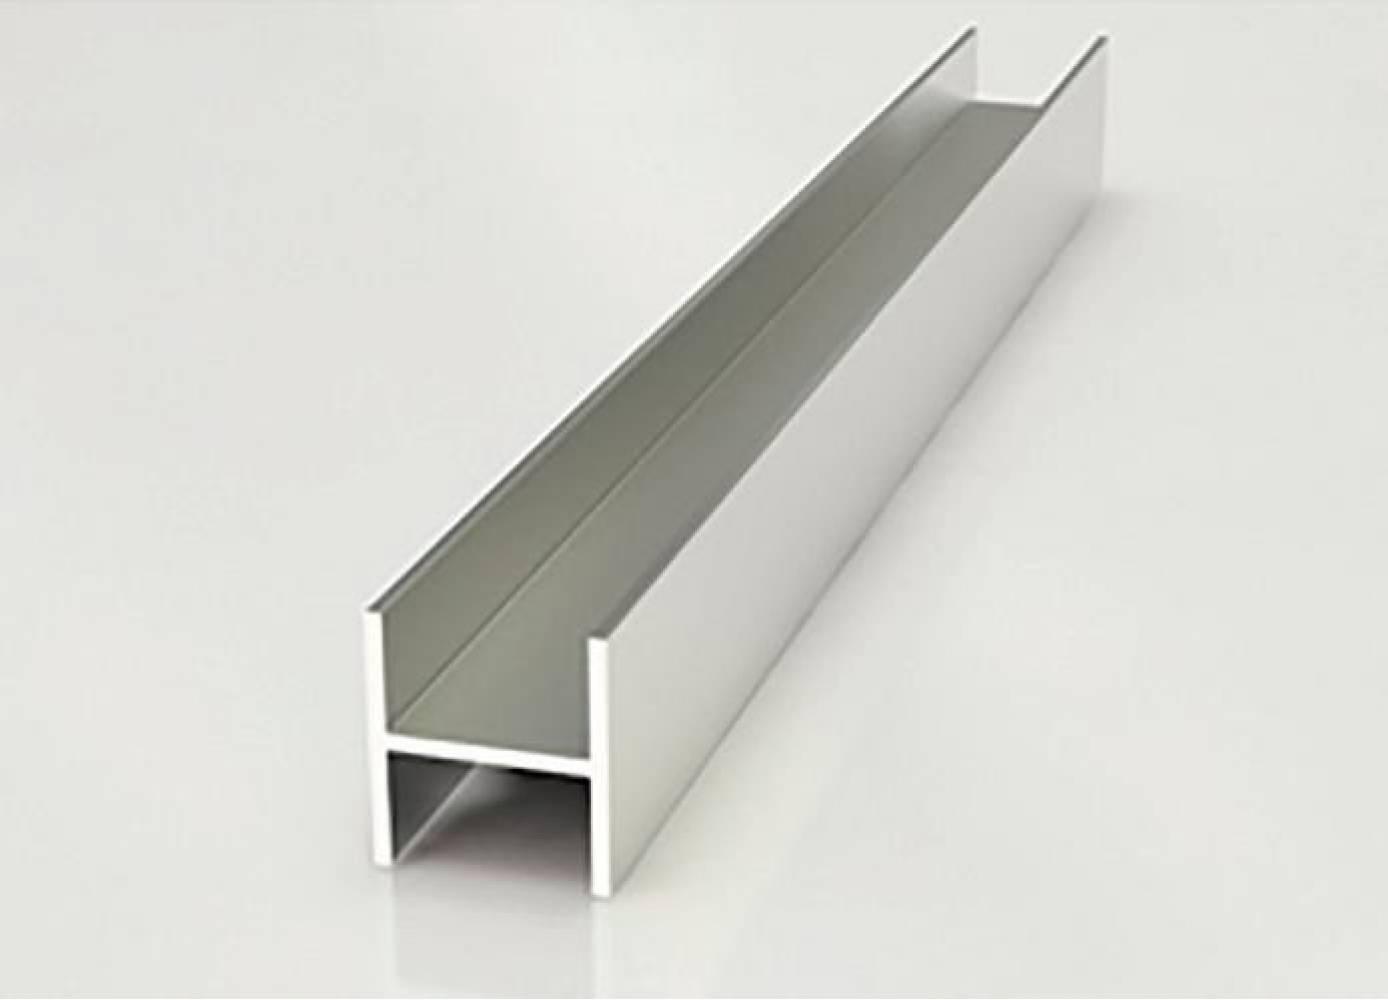 Планка соединительная для стеновых панелей 4 мм ALDIO